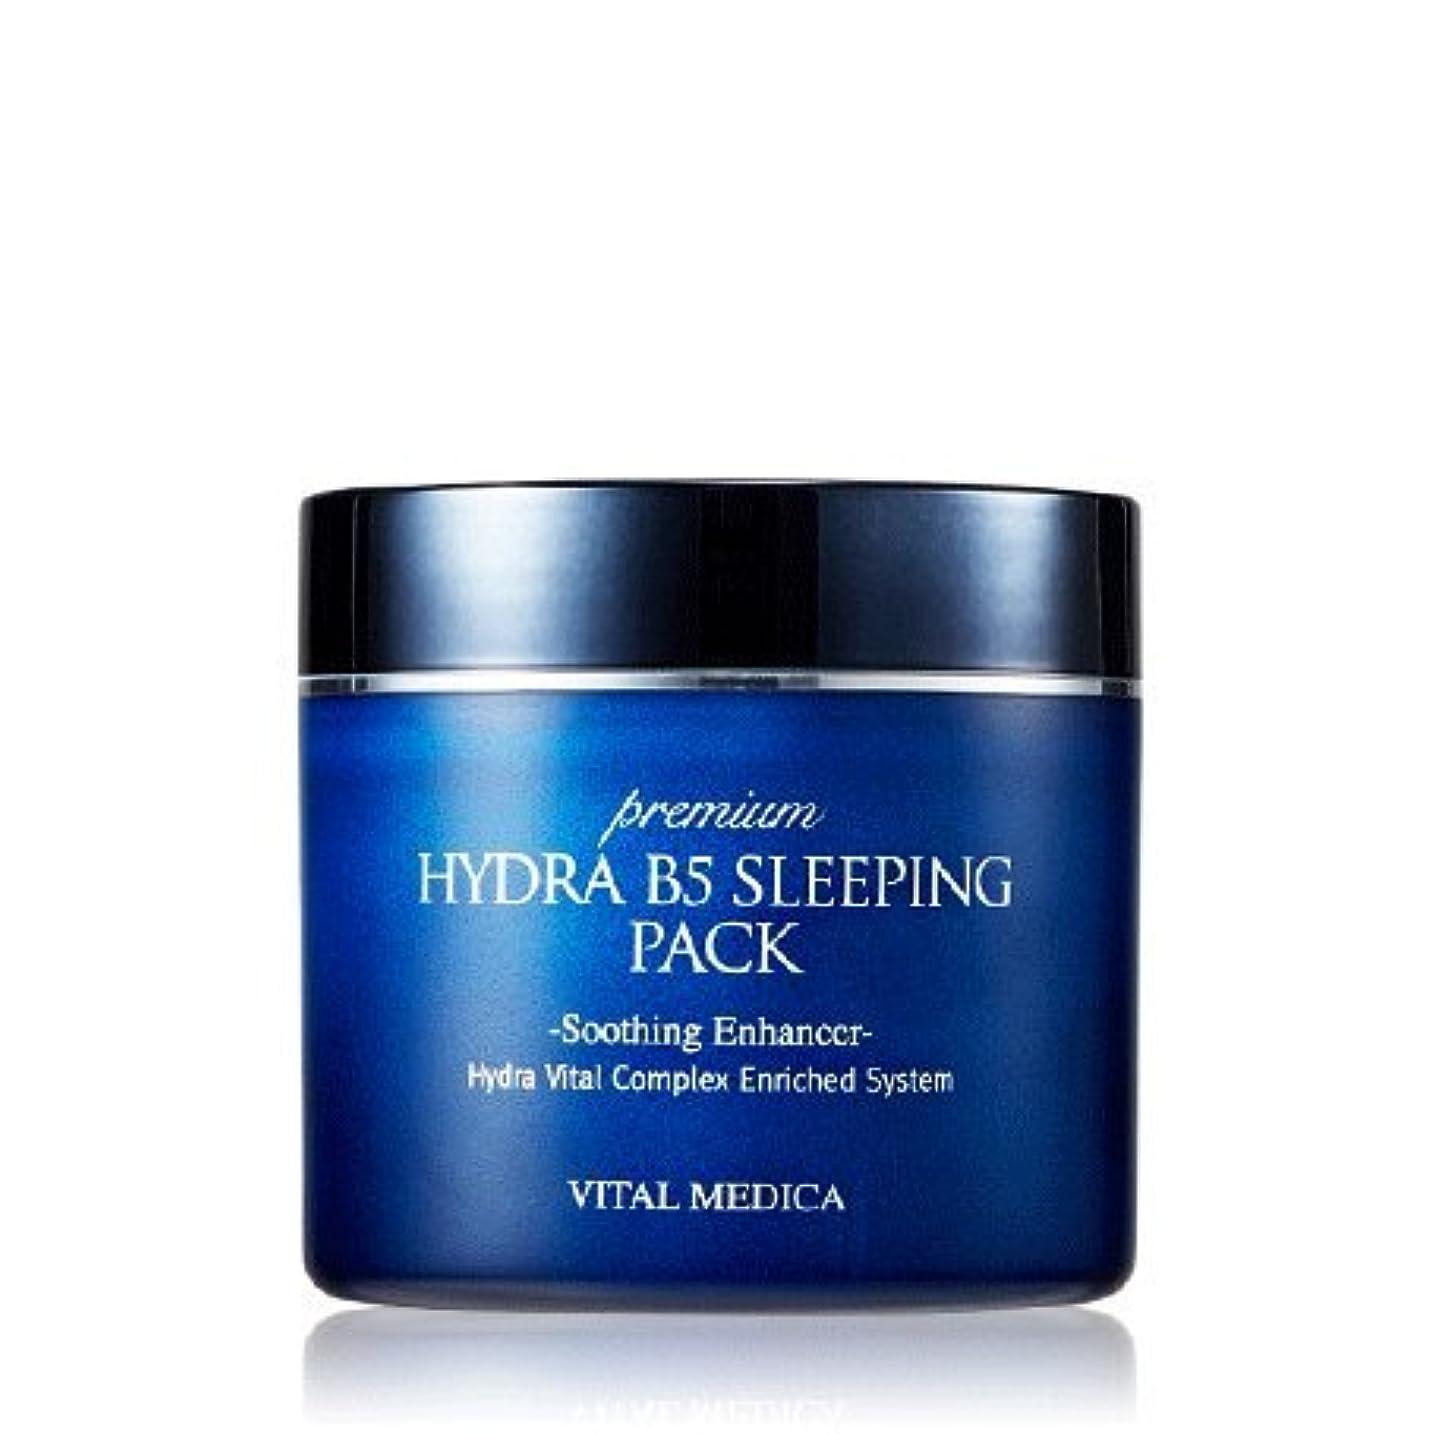 法的保険をかけるシーサイドA.H.C (AHC) Premium Hydra B5 Sleeping Pack 100ml/A.H.C プレミアム ハイドラ B5 スリーピング パック 100ml [並行輸入品]